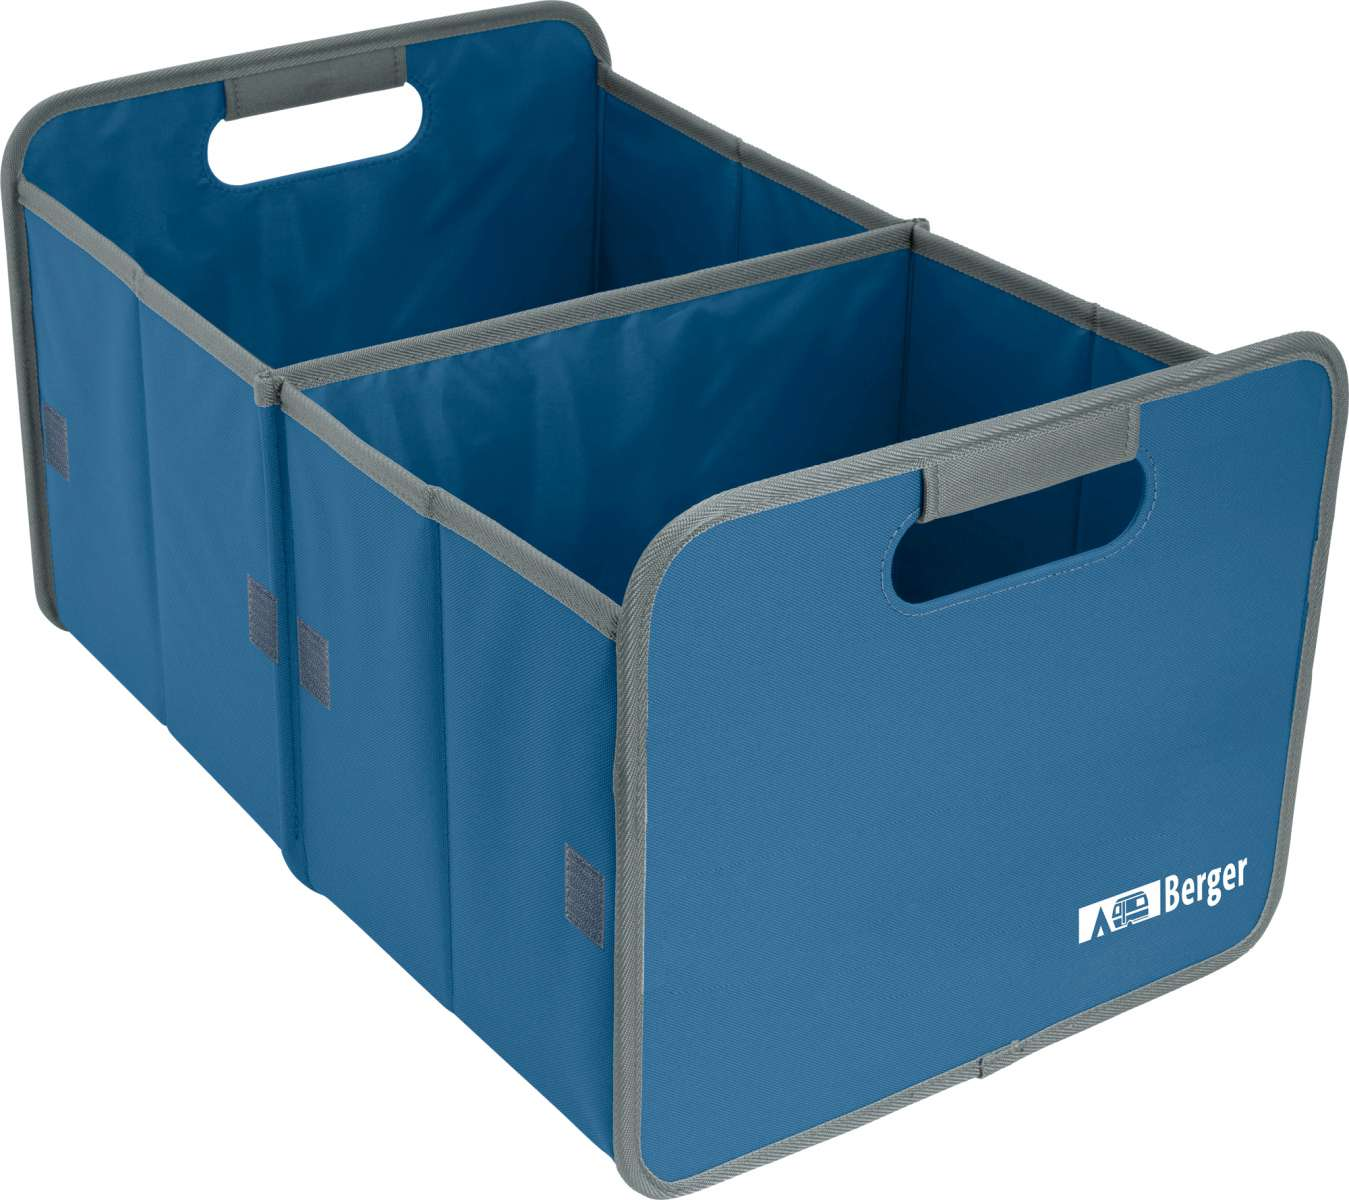 Berger Faltbox Blau